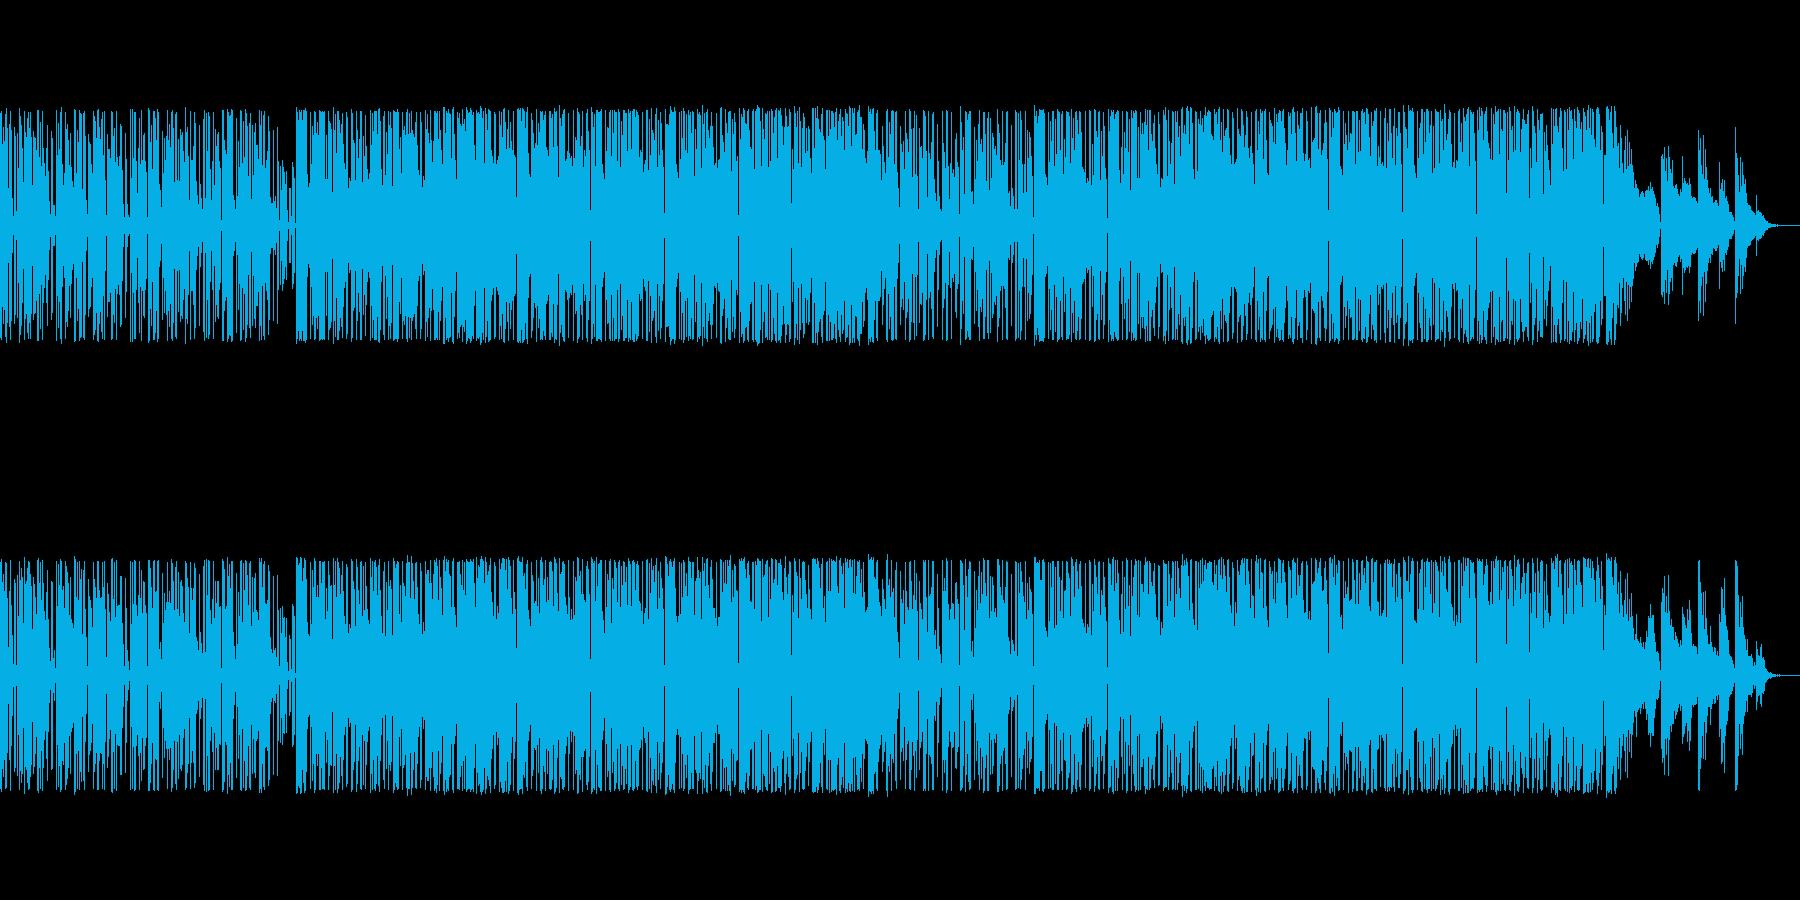 ゲームBGMに適したシンセポップの再生済みの波形